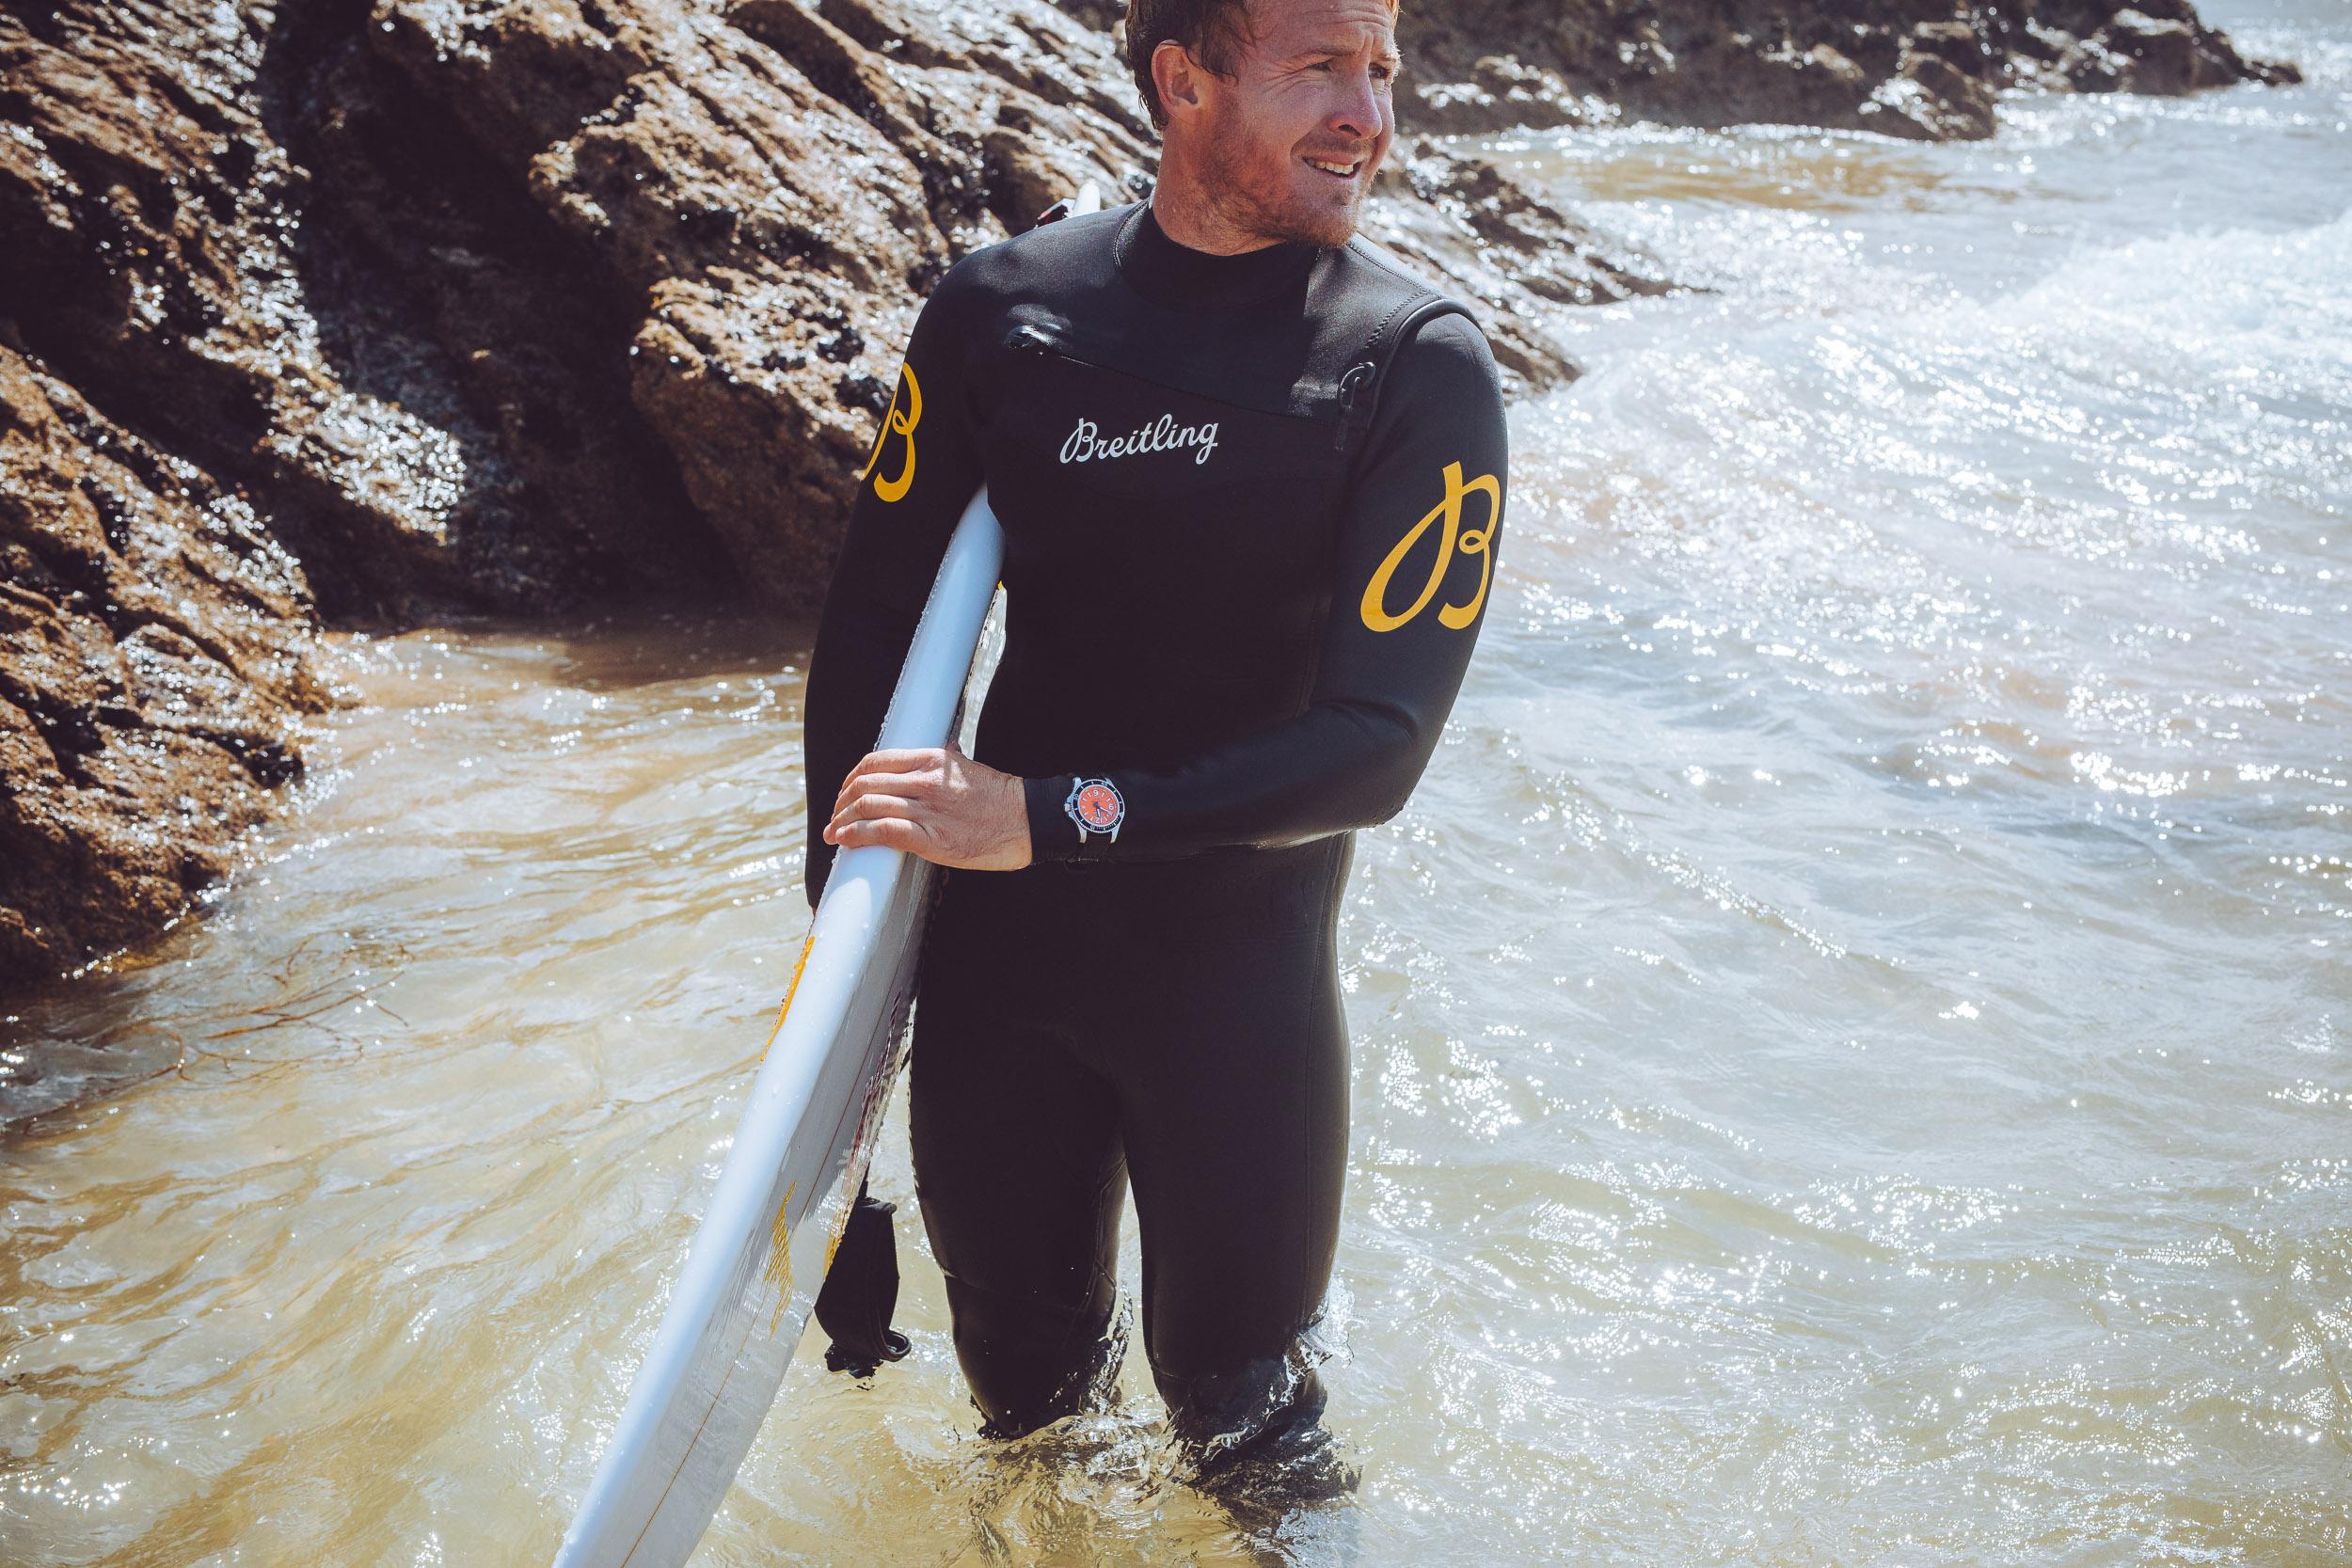 BREITLING-SURF-Finn-Beales-203.jpg